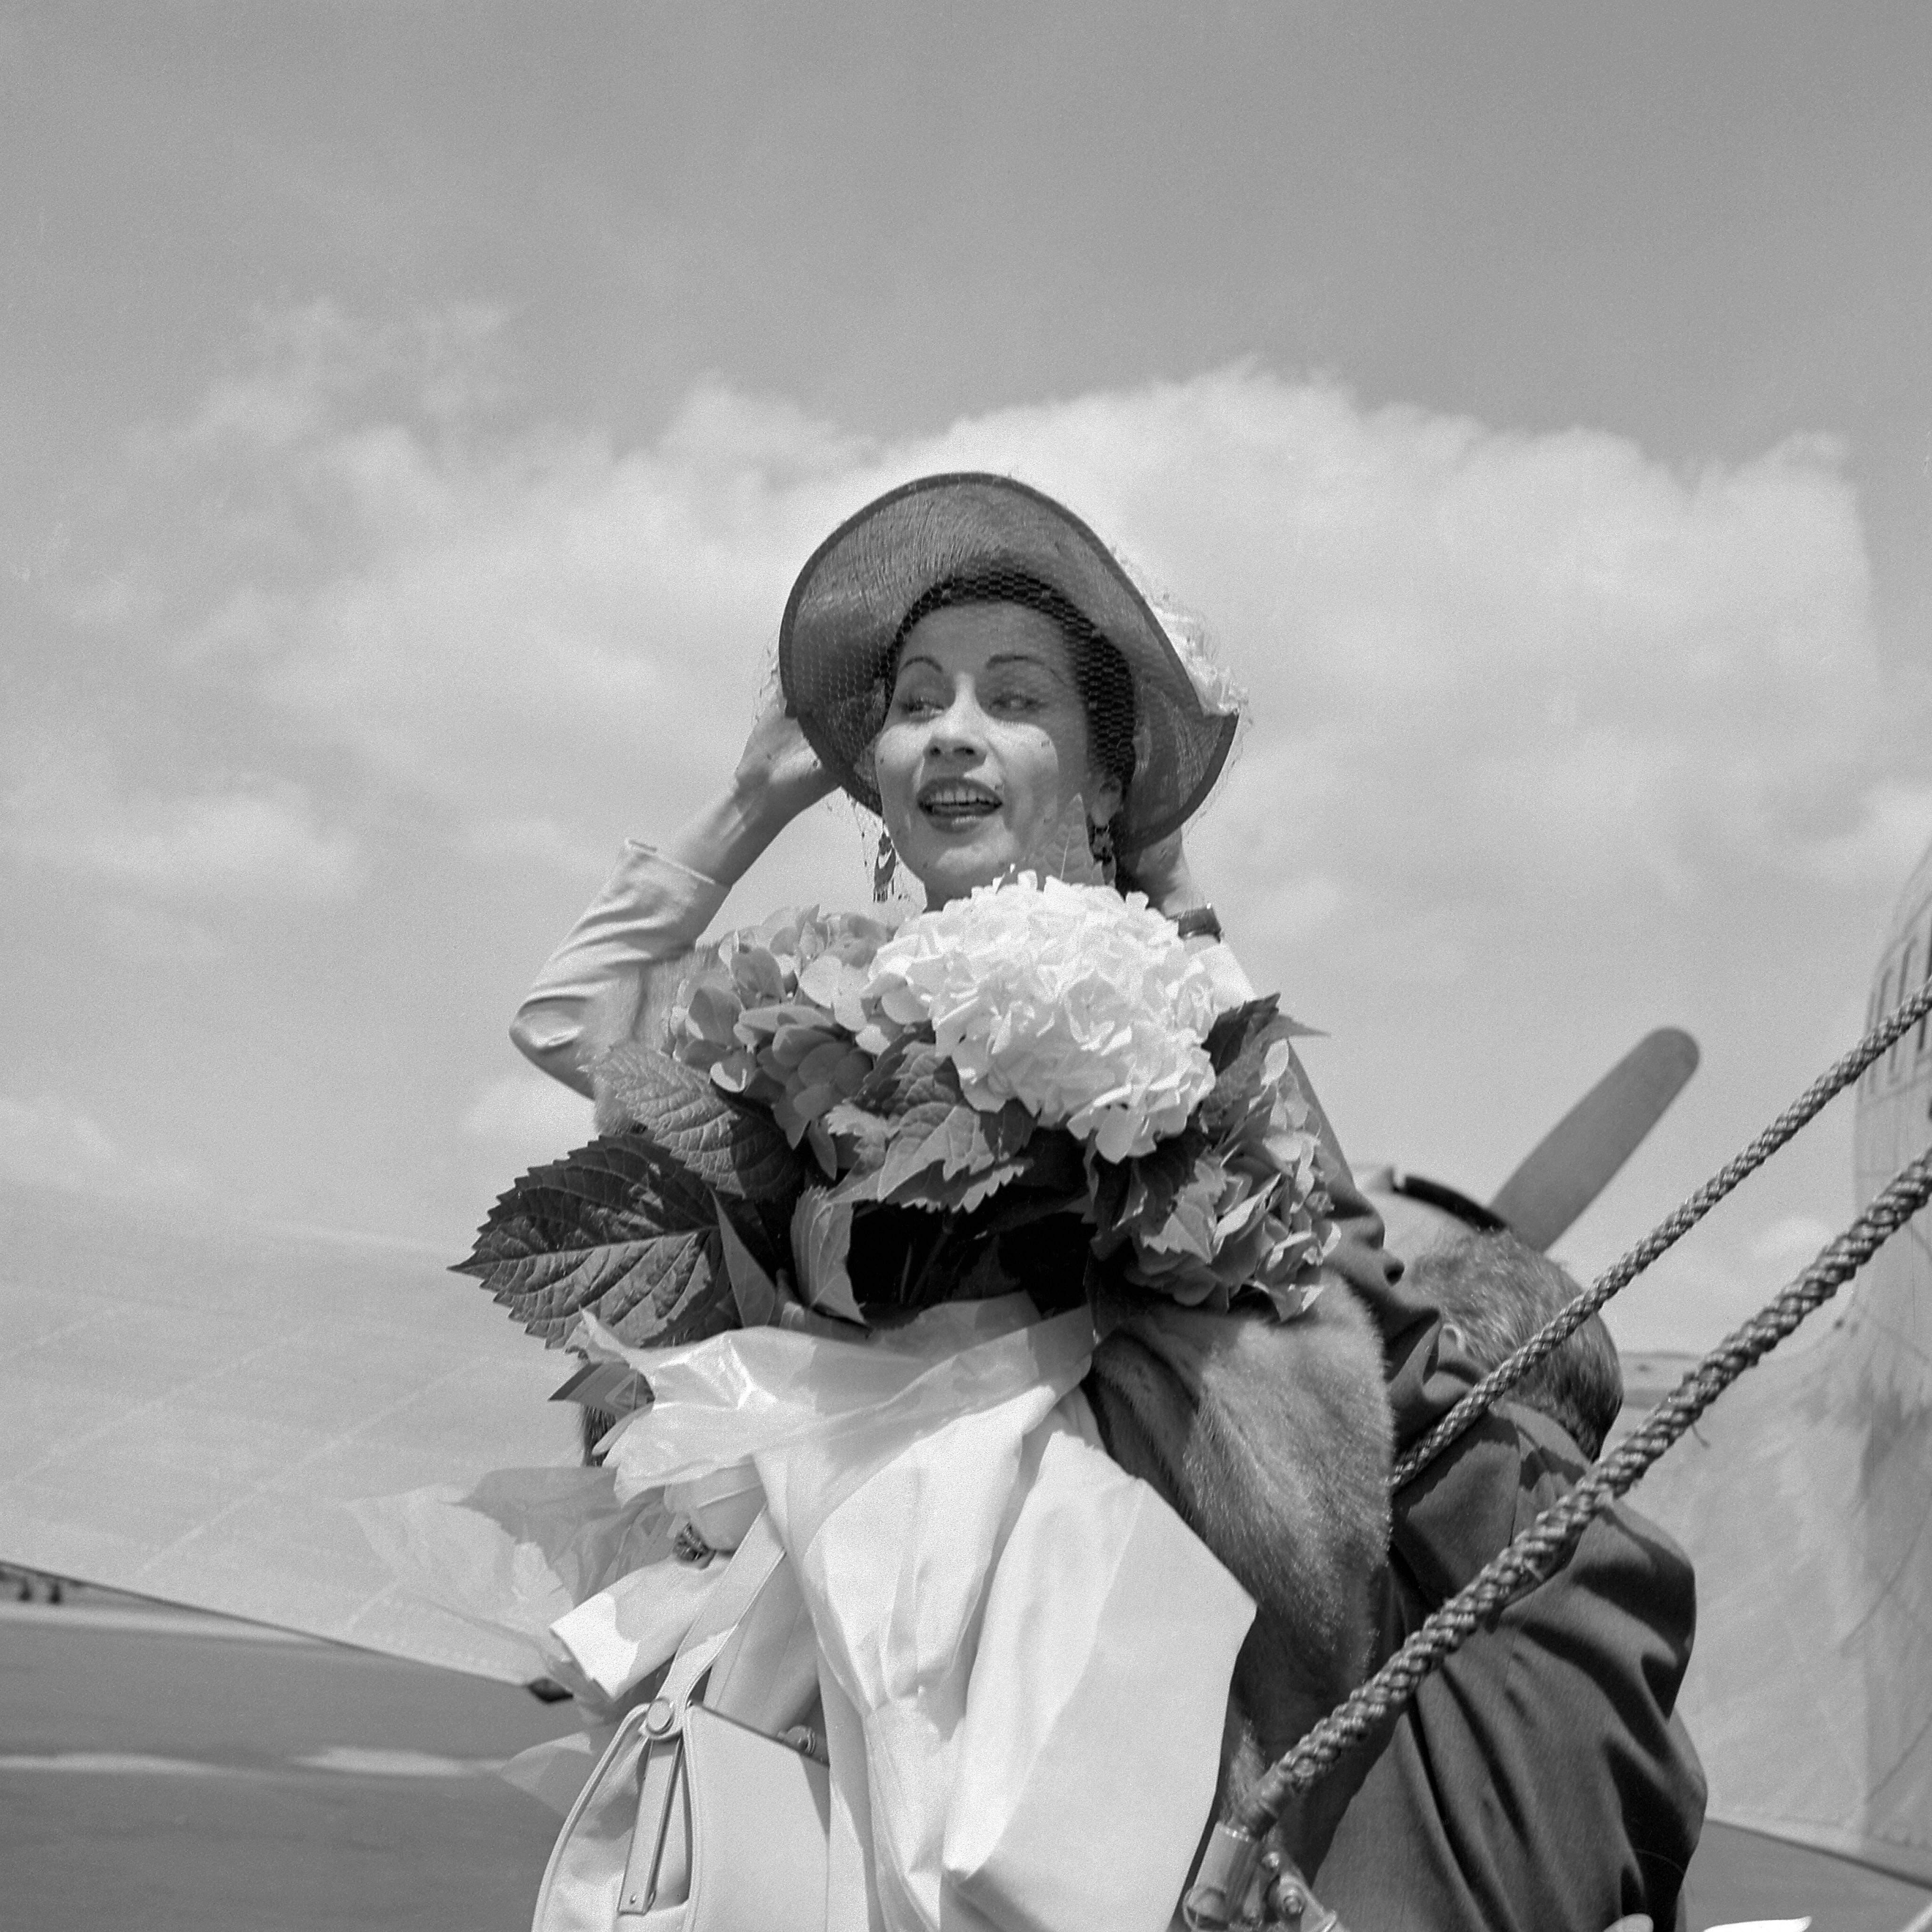 Yma Sumac llega al aeropuerto de Le Bourget, cerca de París, el 23 de junio de 1952. (Getty)